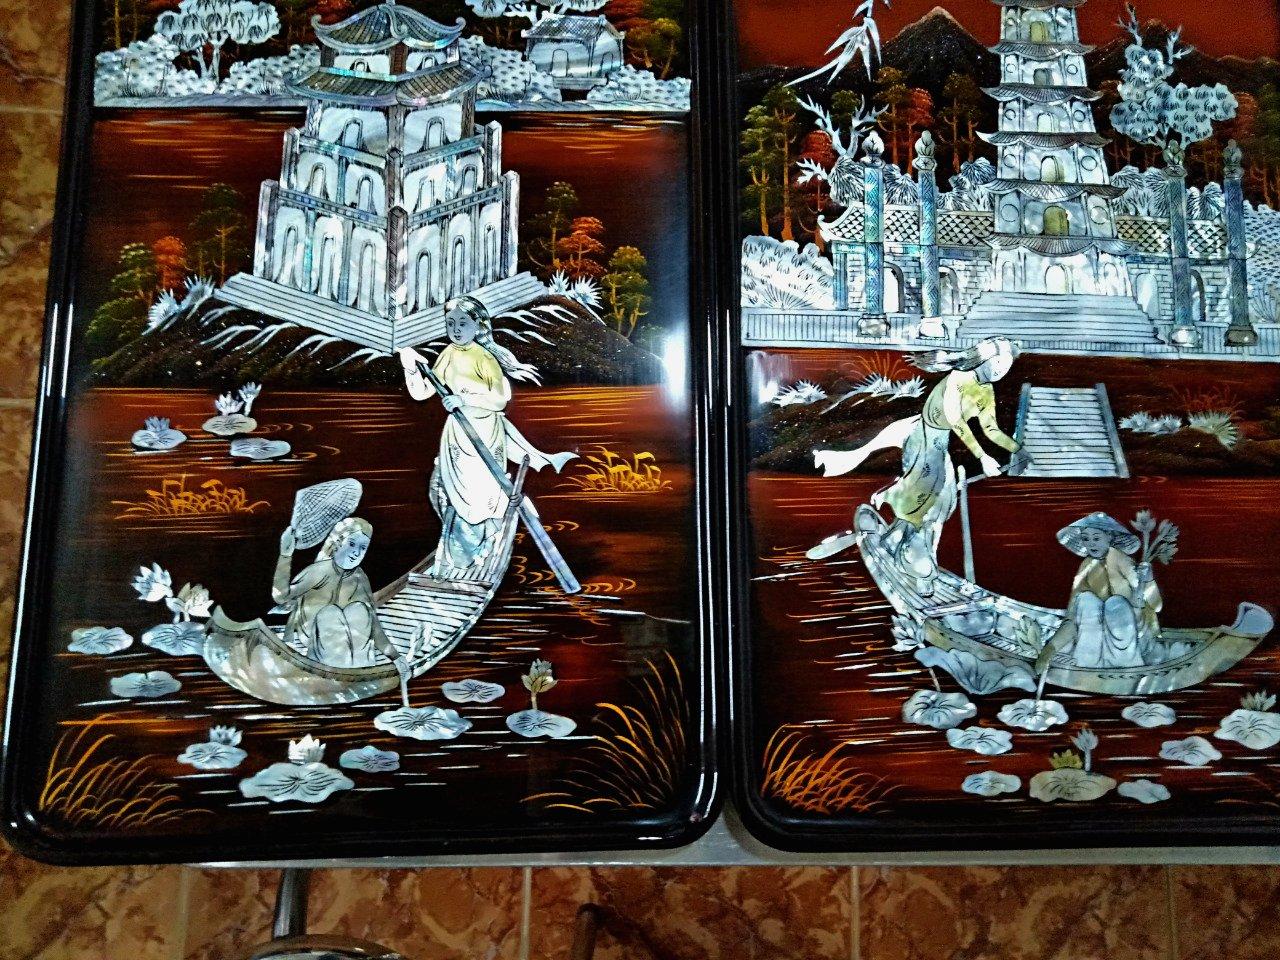 Tranh soen mài cao cấp - Tranh Sơn mài Tứ Đền TD02 - SALE OFF - Malanaz Shopping